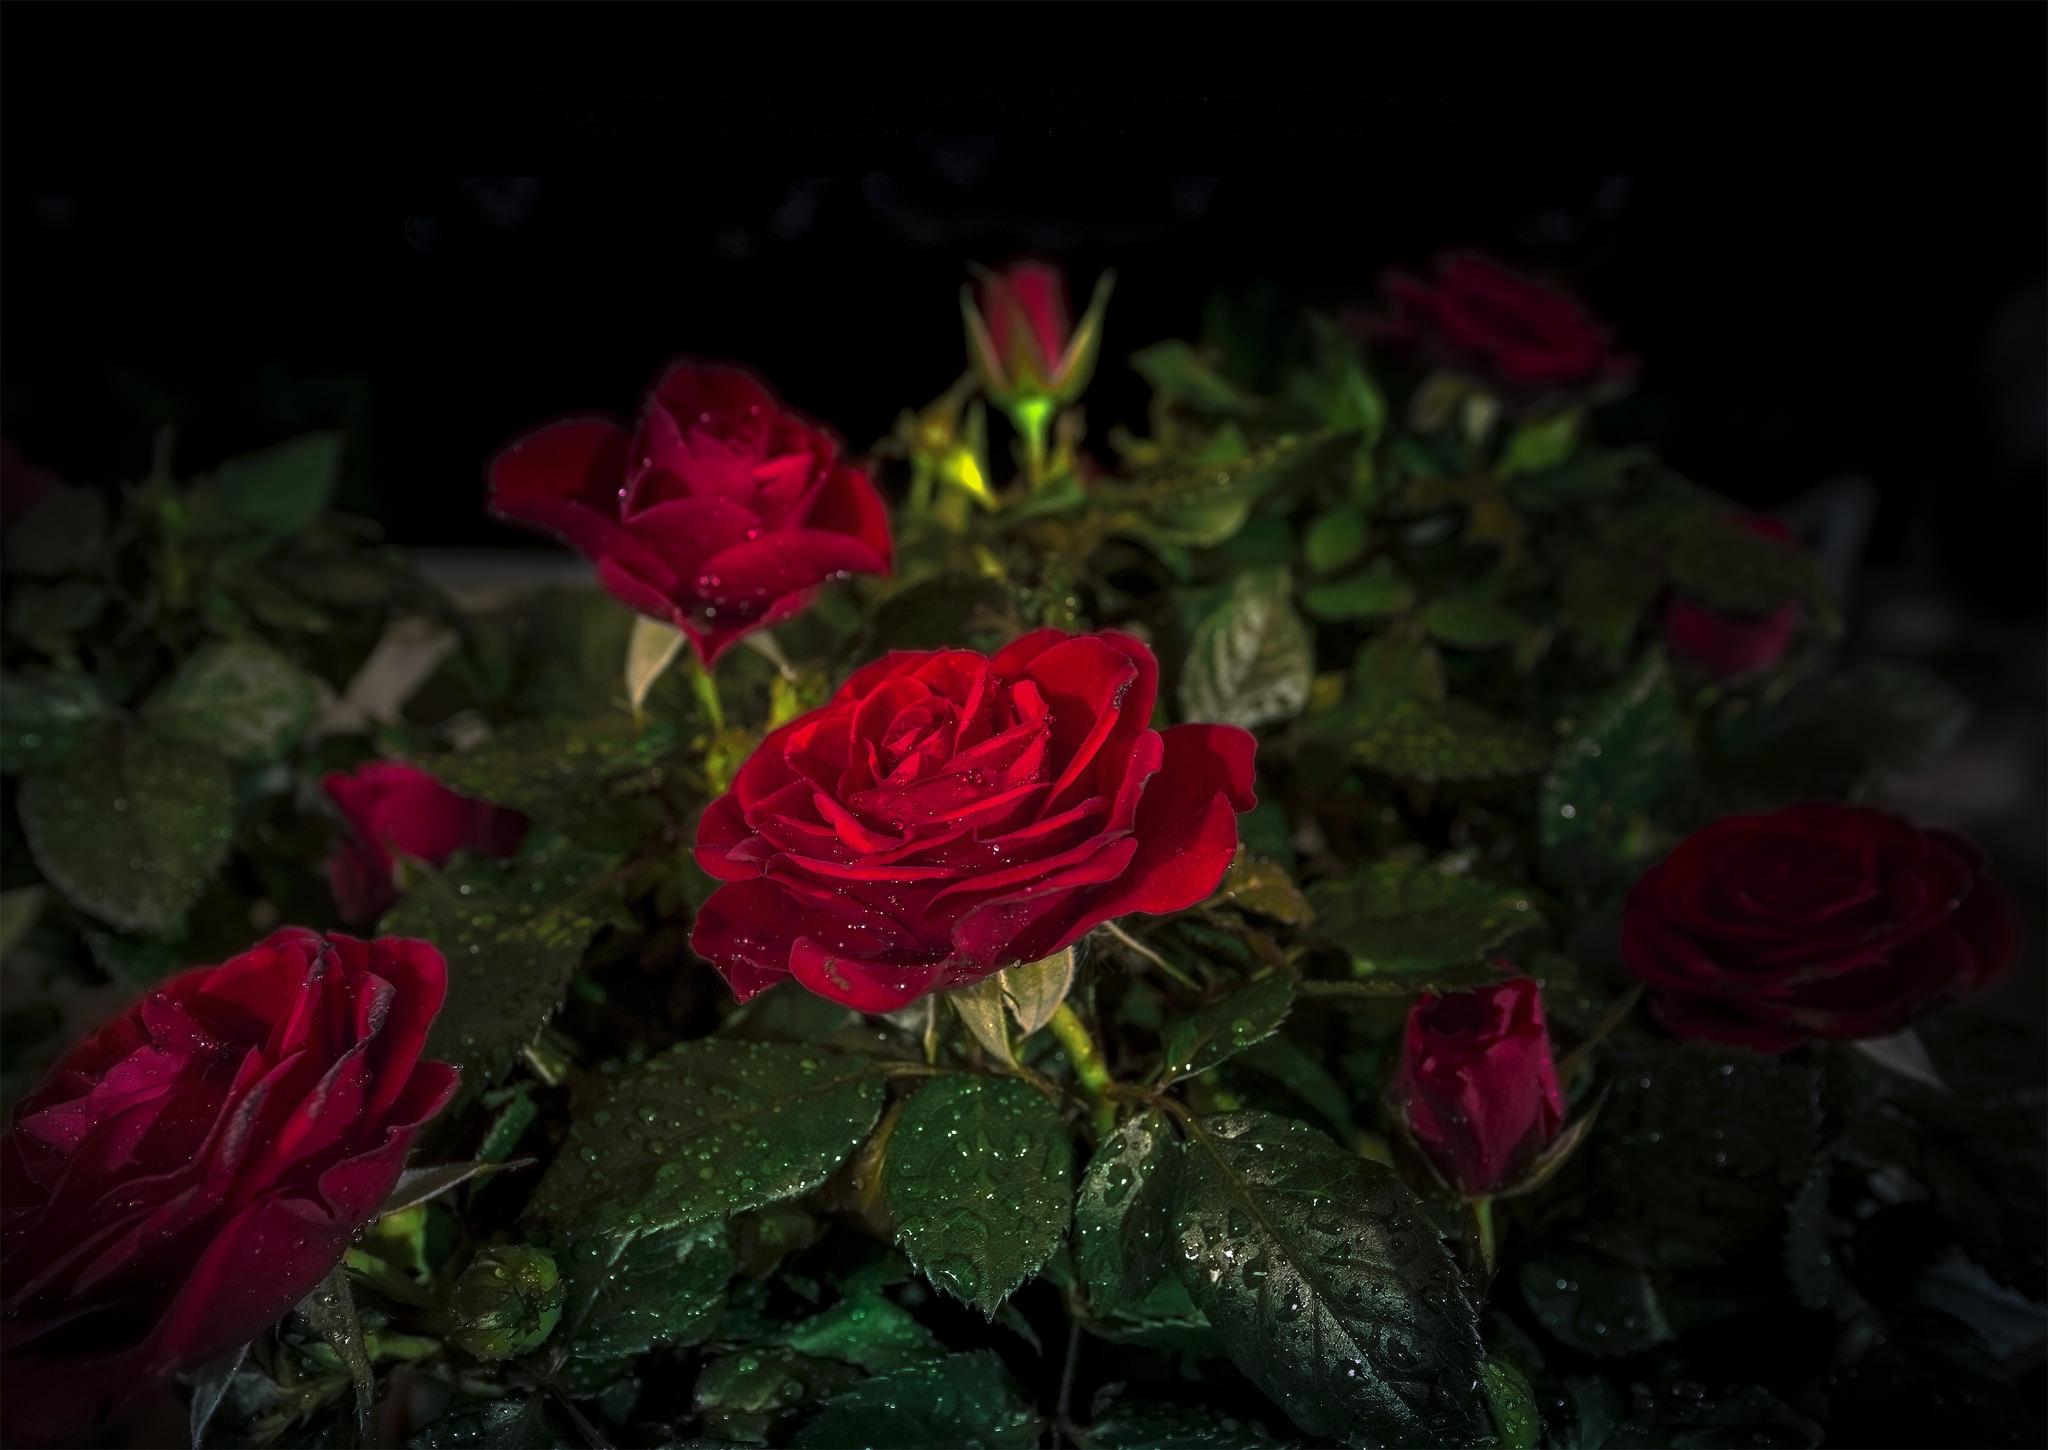 фото роз на темном фоне